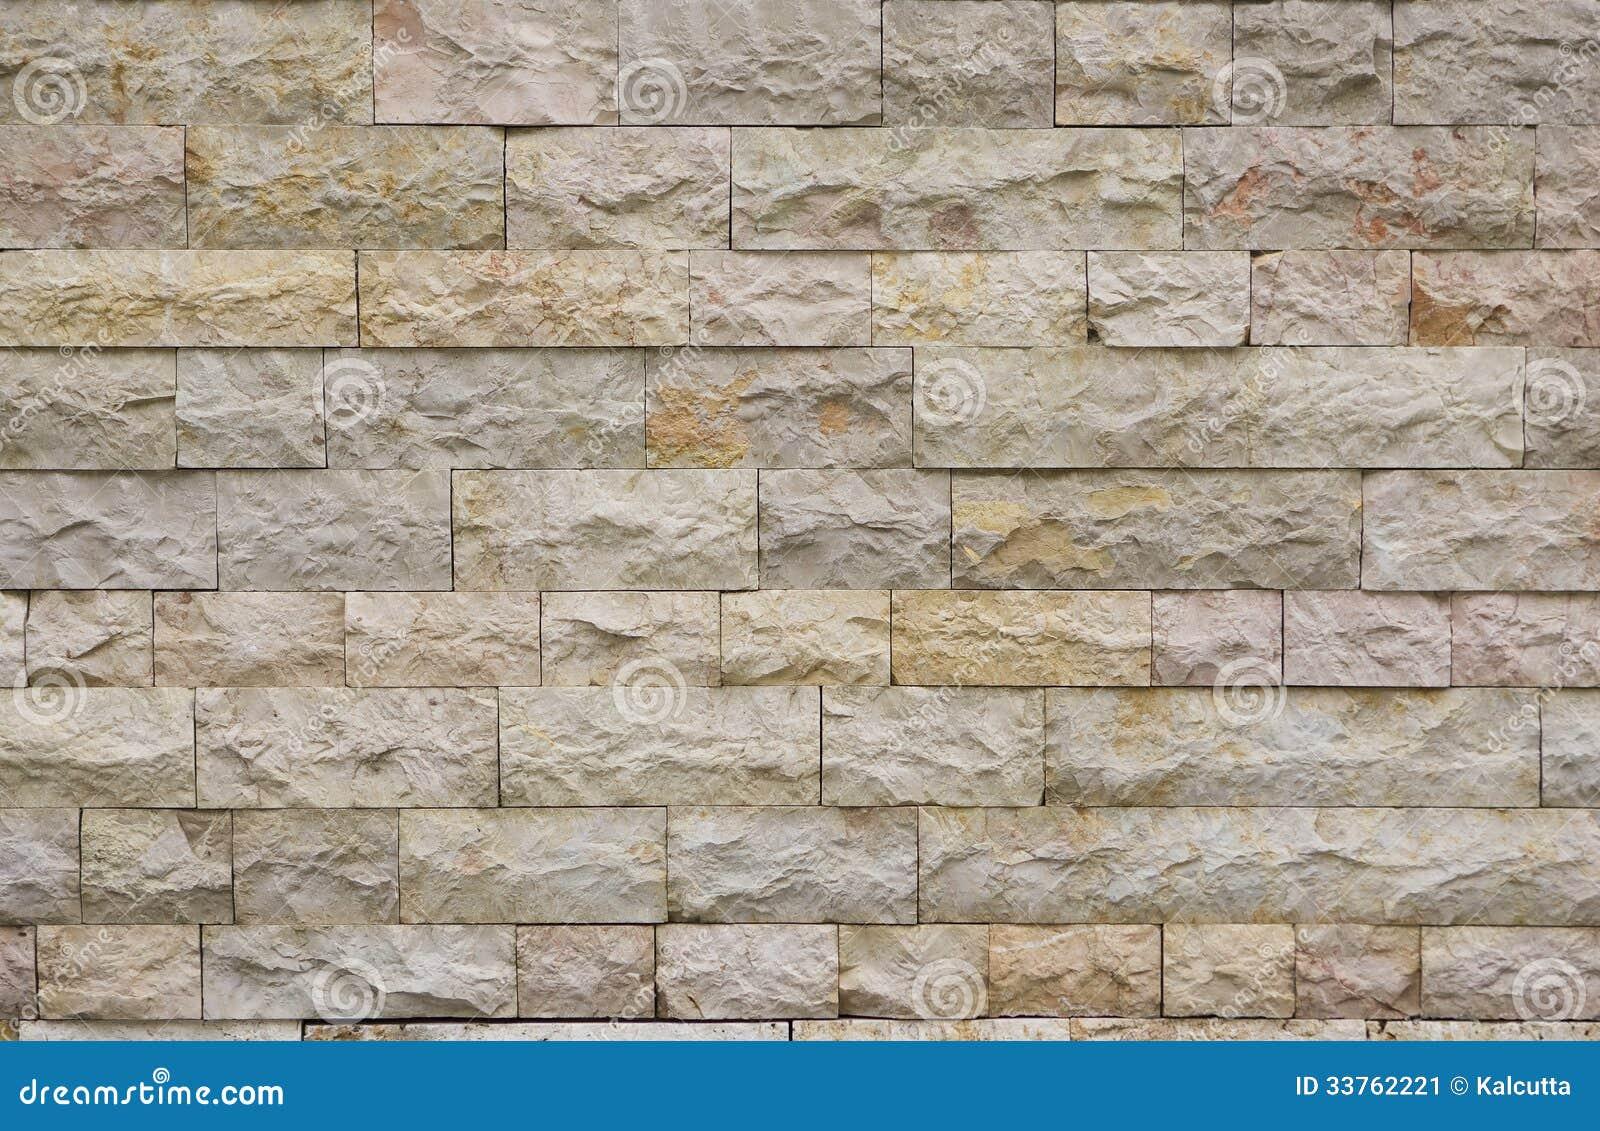 Texture de brique brique en pierre moderne image stock - Ladrillos de piedra ...